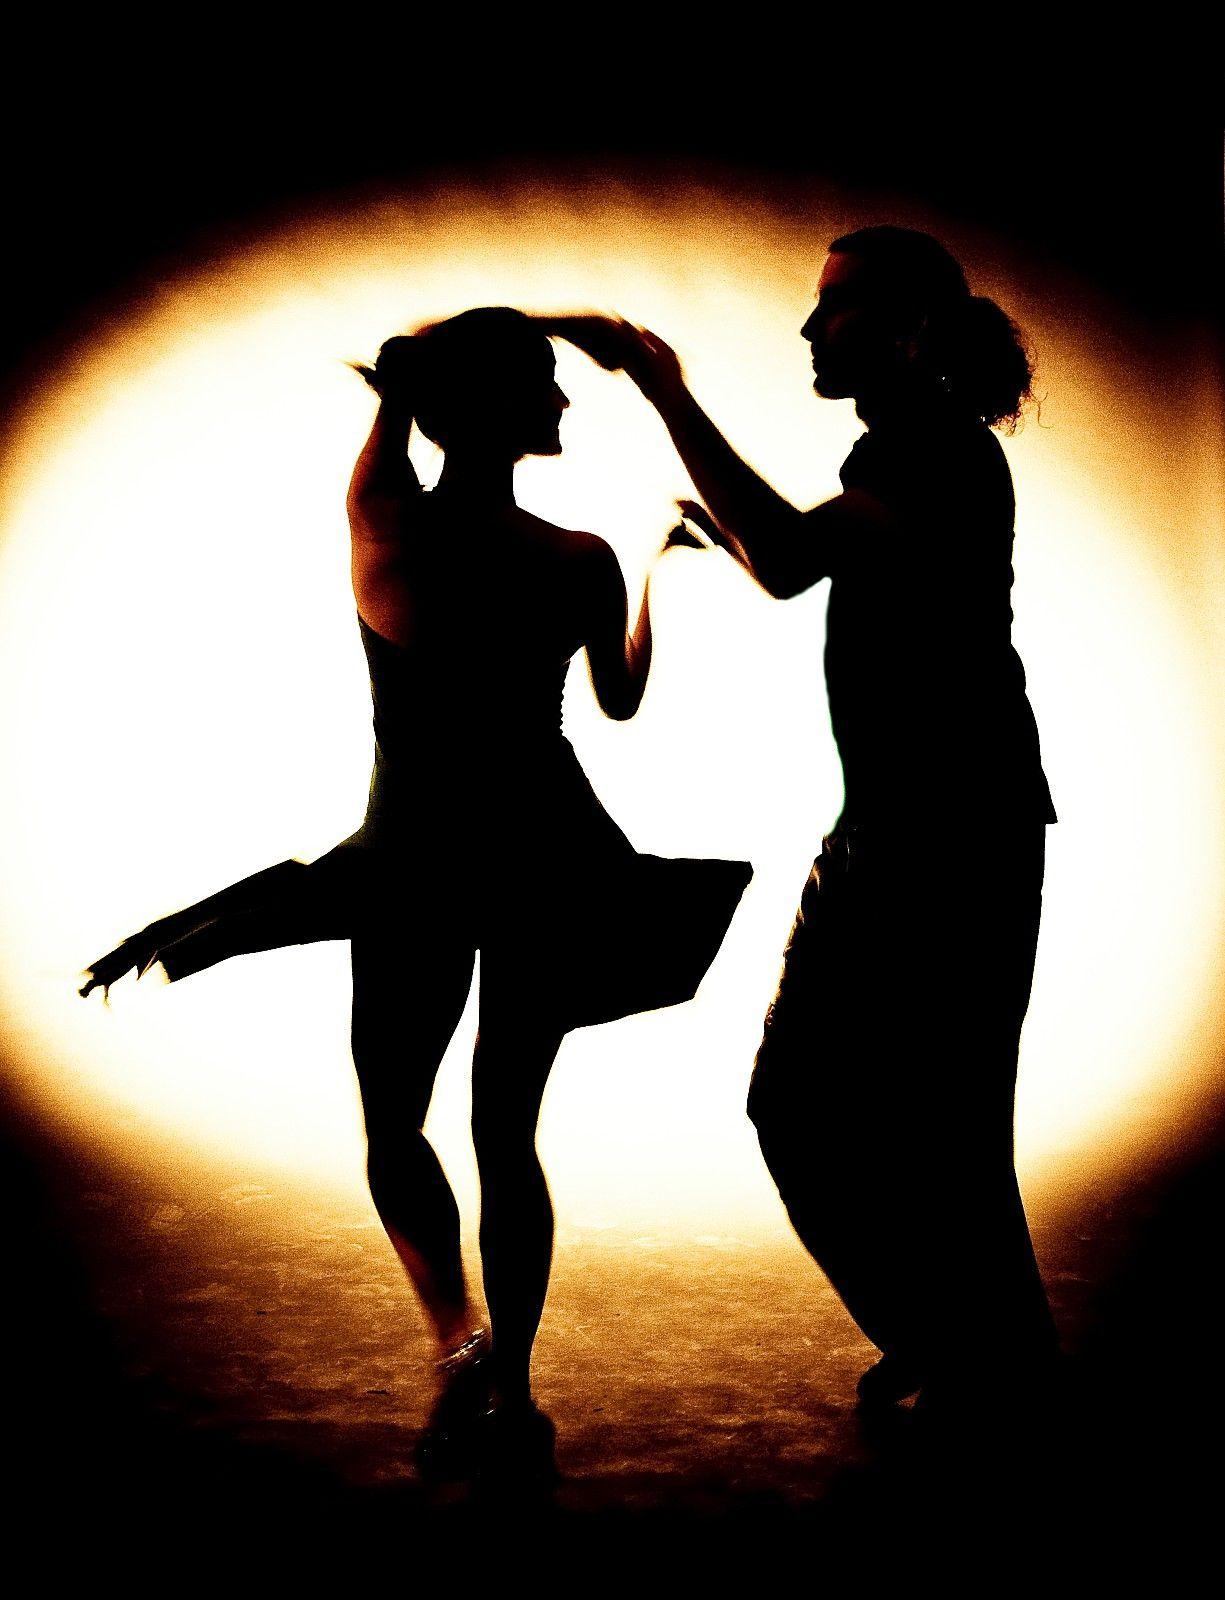 Pingl par lili sur danses pinterest salsa danseurs for Musique barre danse classique gratuite